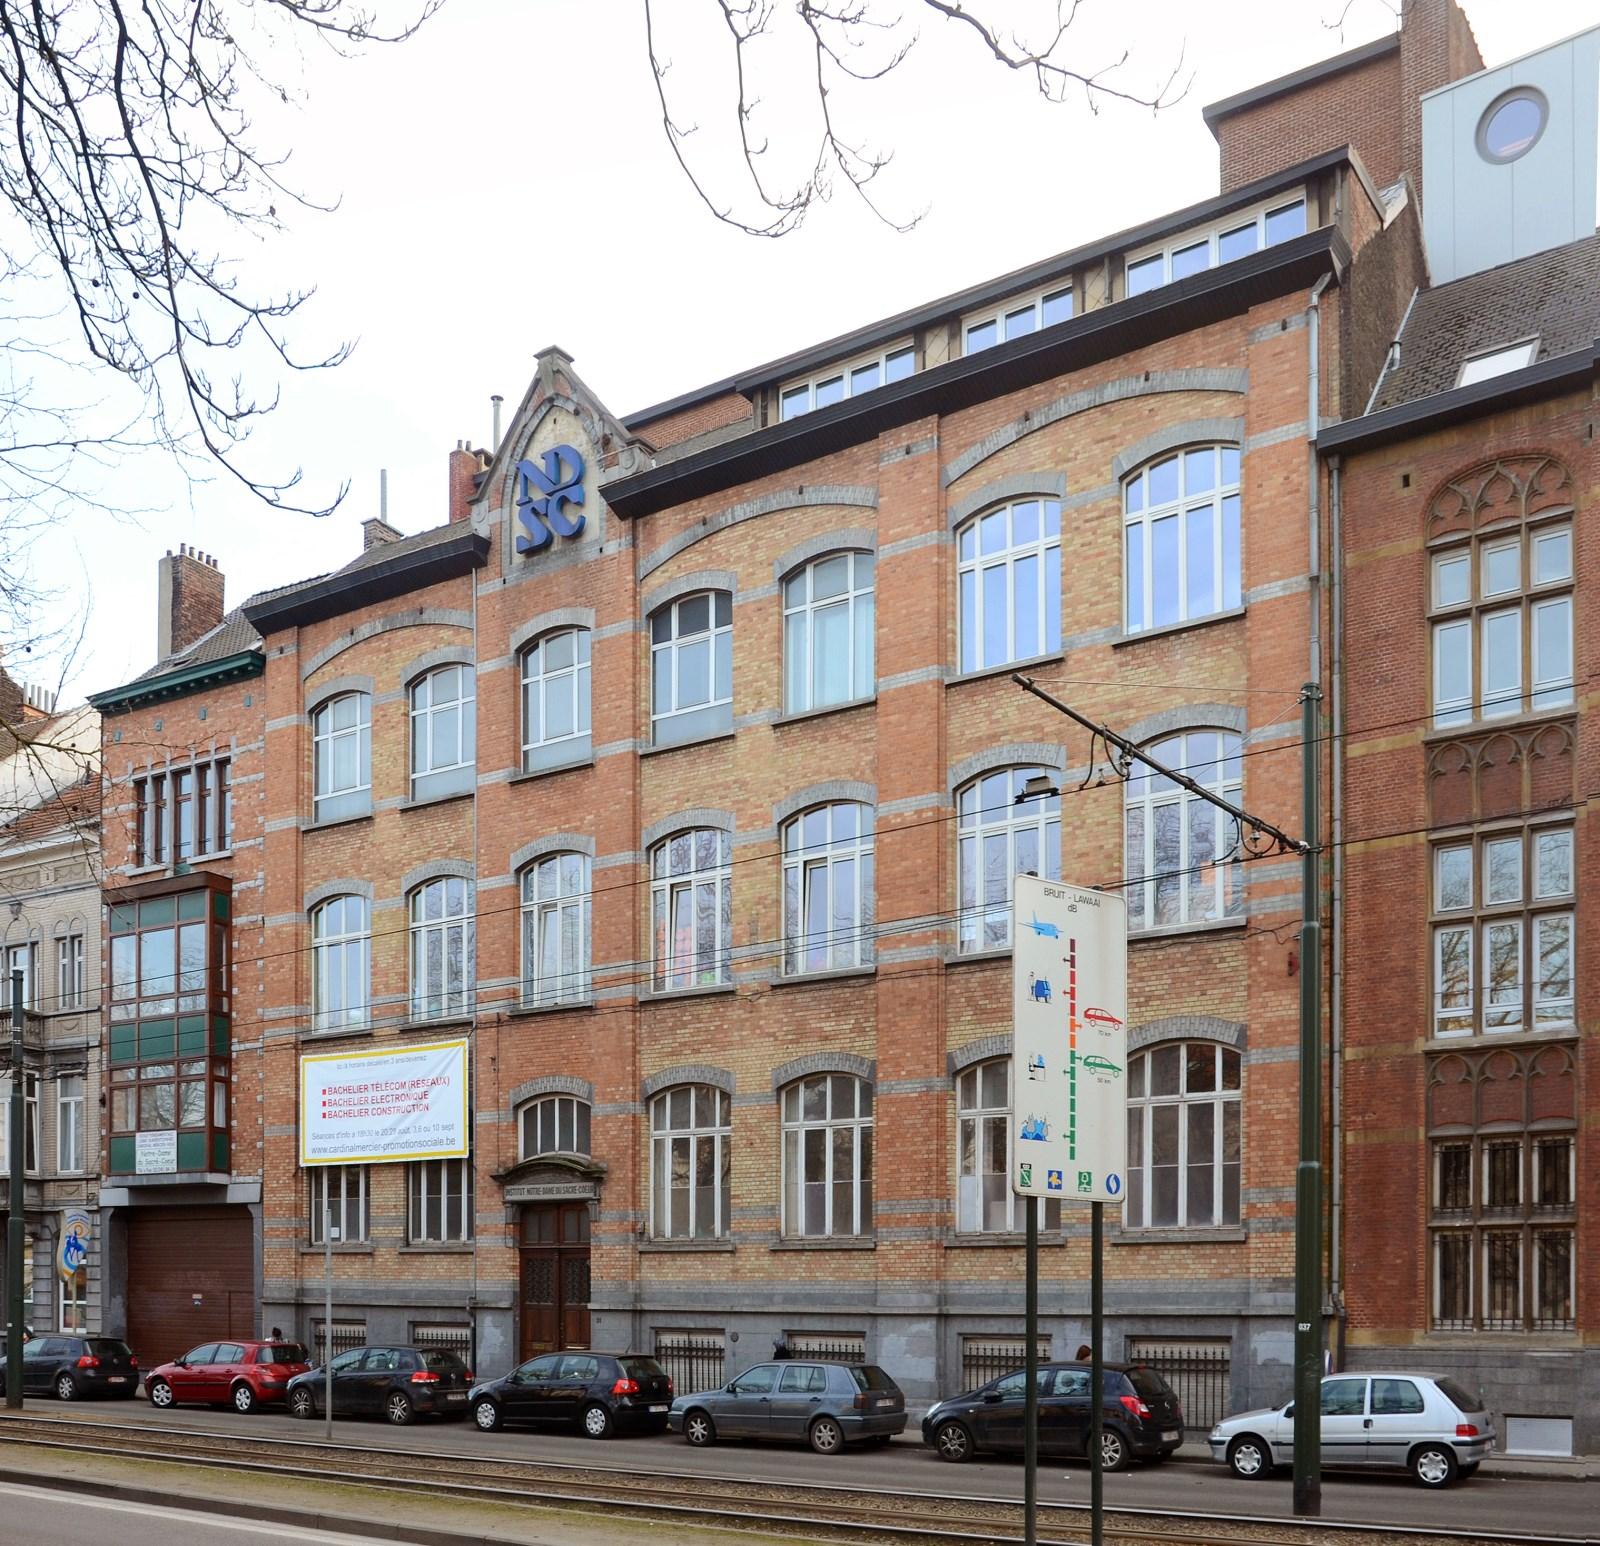 École fondamentale Notre-Dame du Sacré-Cœur